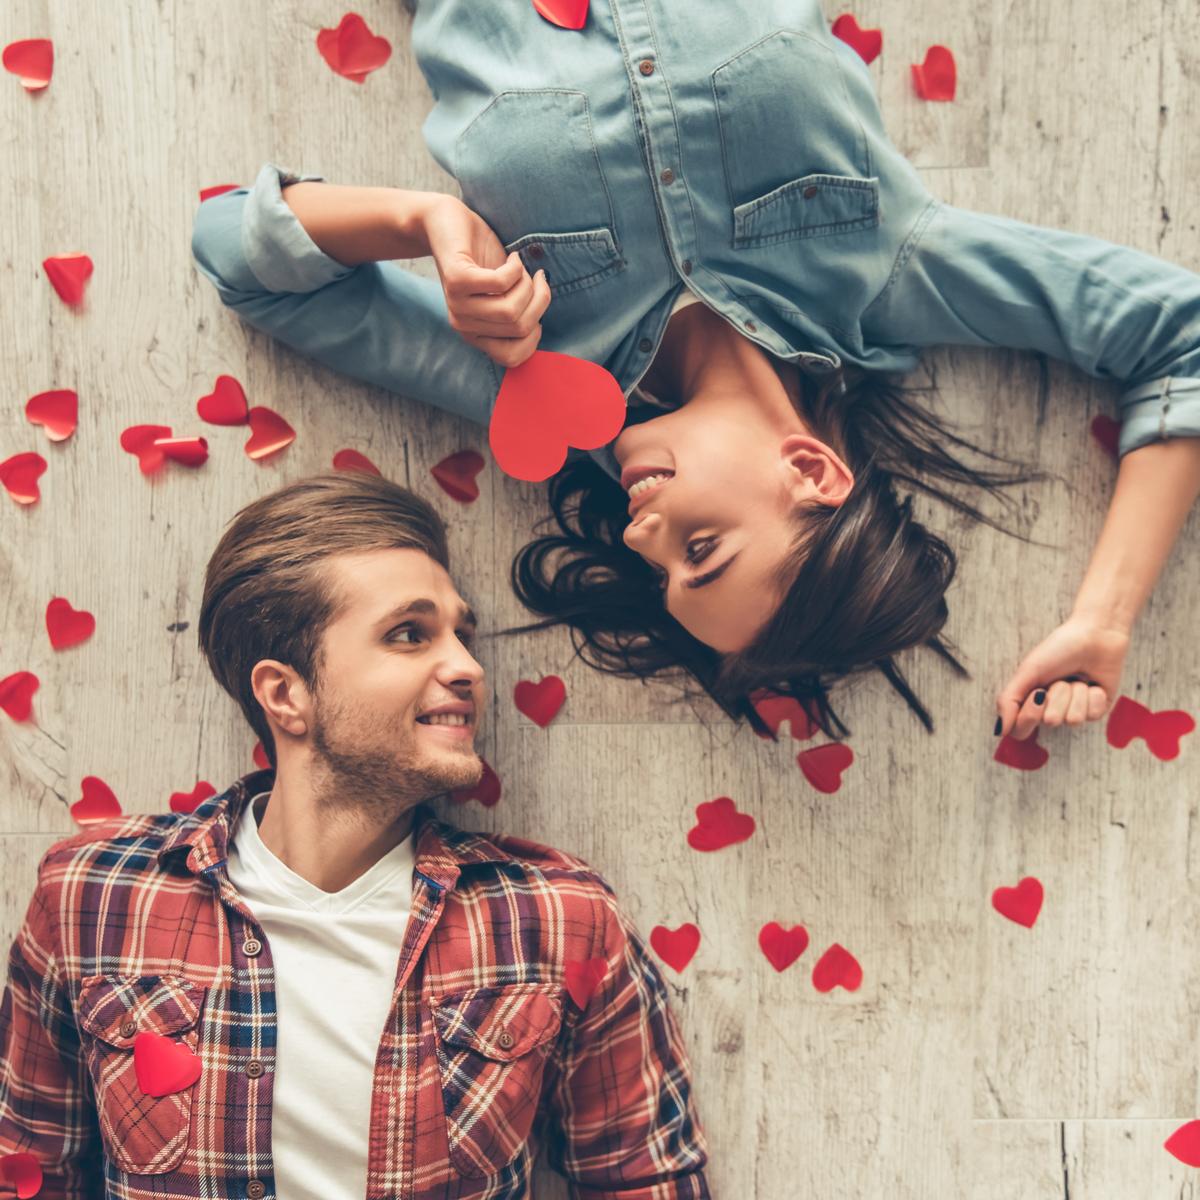 潜在意識で恋愛成就する方法!誰でも簡単に相手の心をつかむコツとはのサムネイル画像